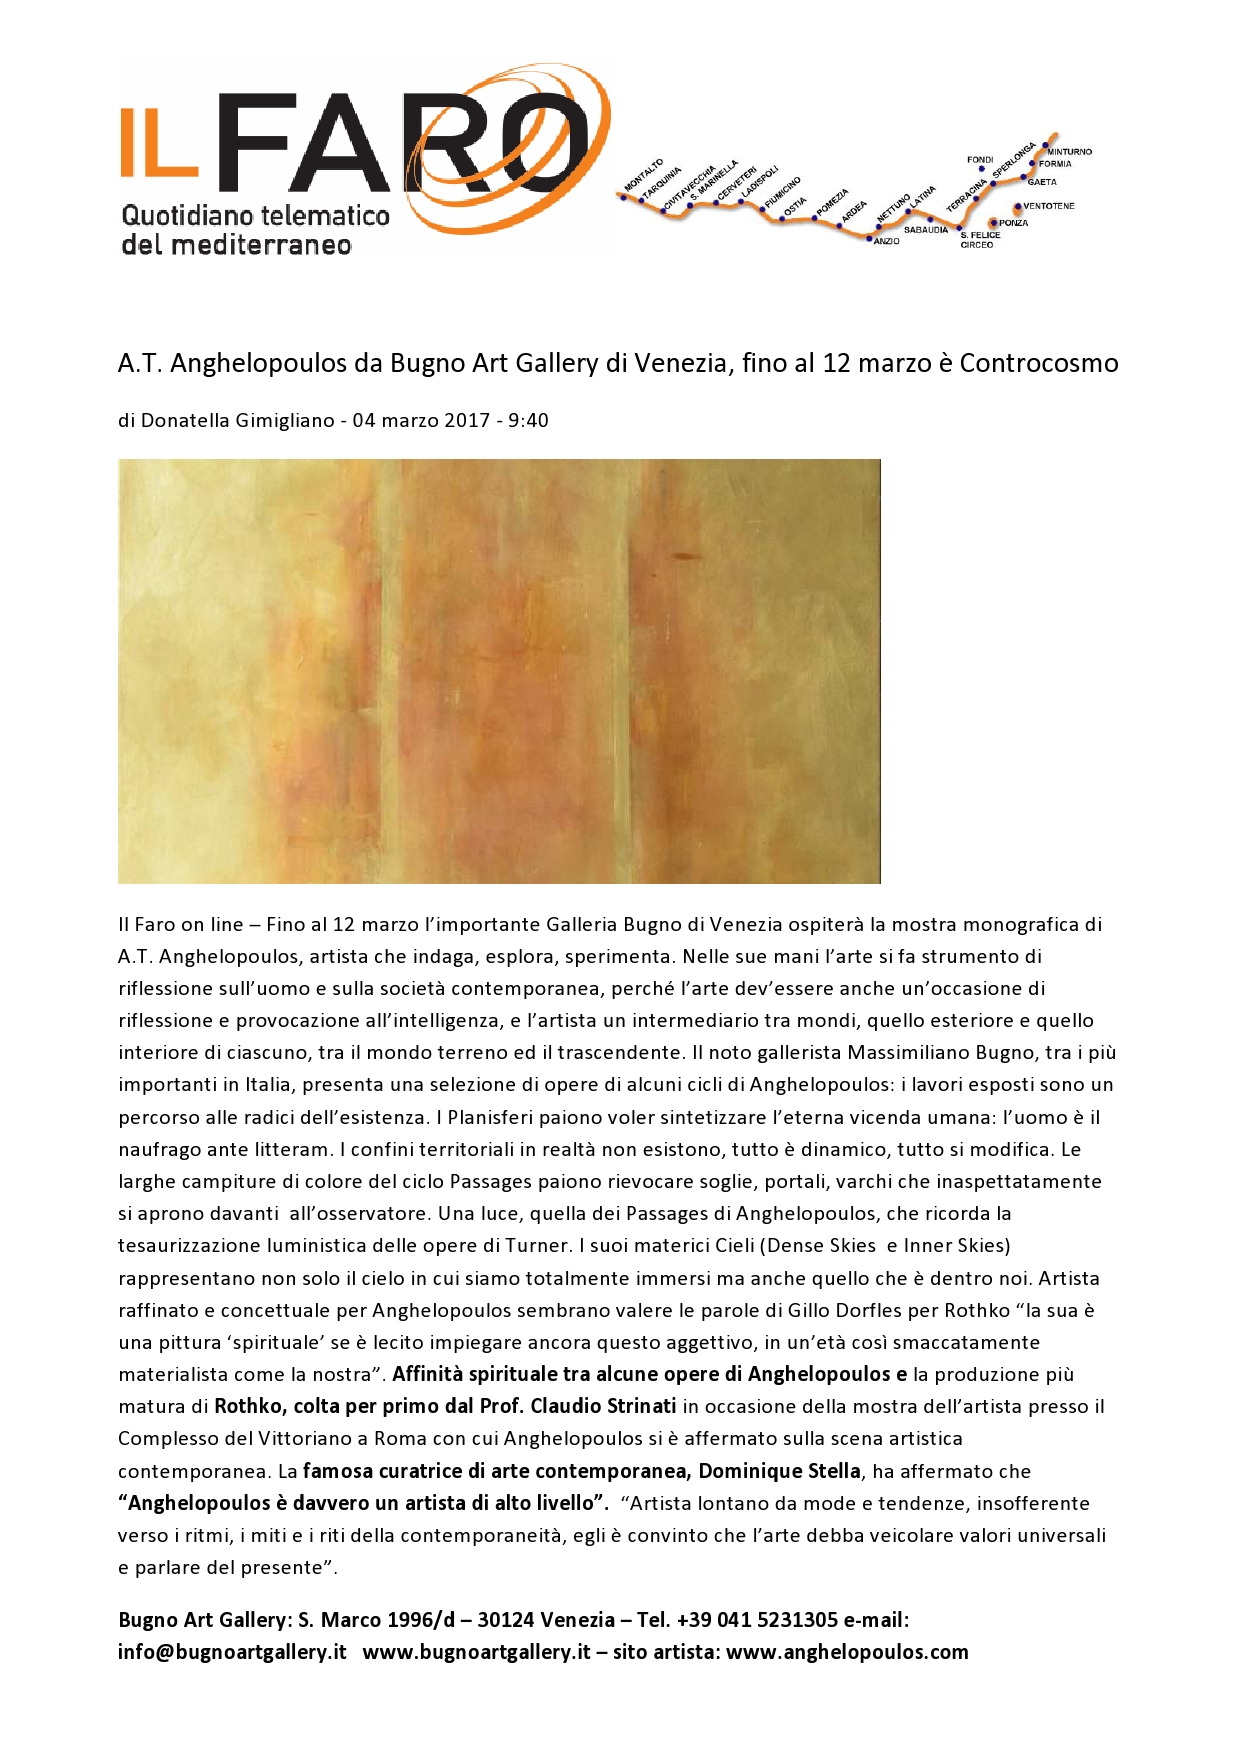 Il Faro on Line Controcosmo-page0001